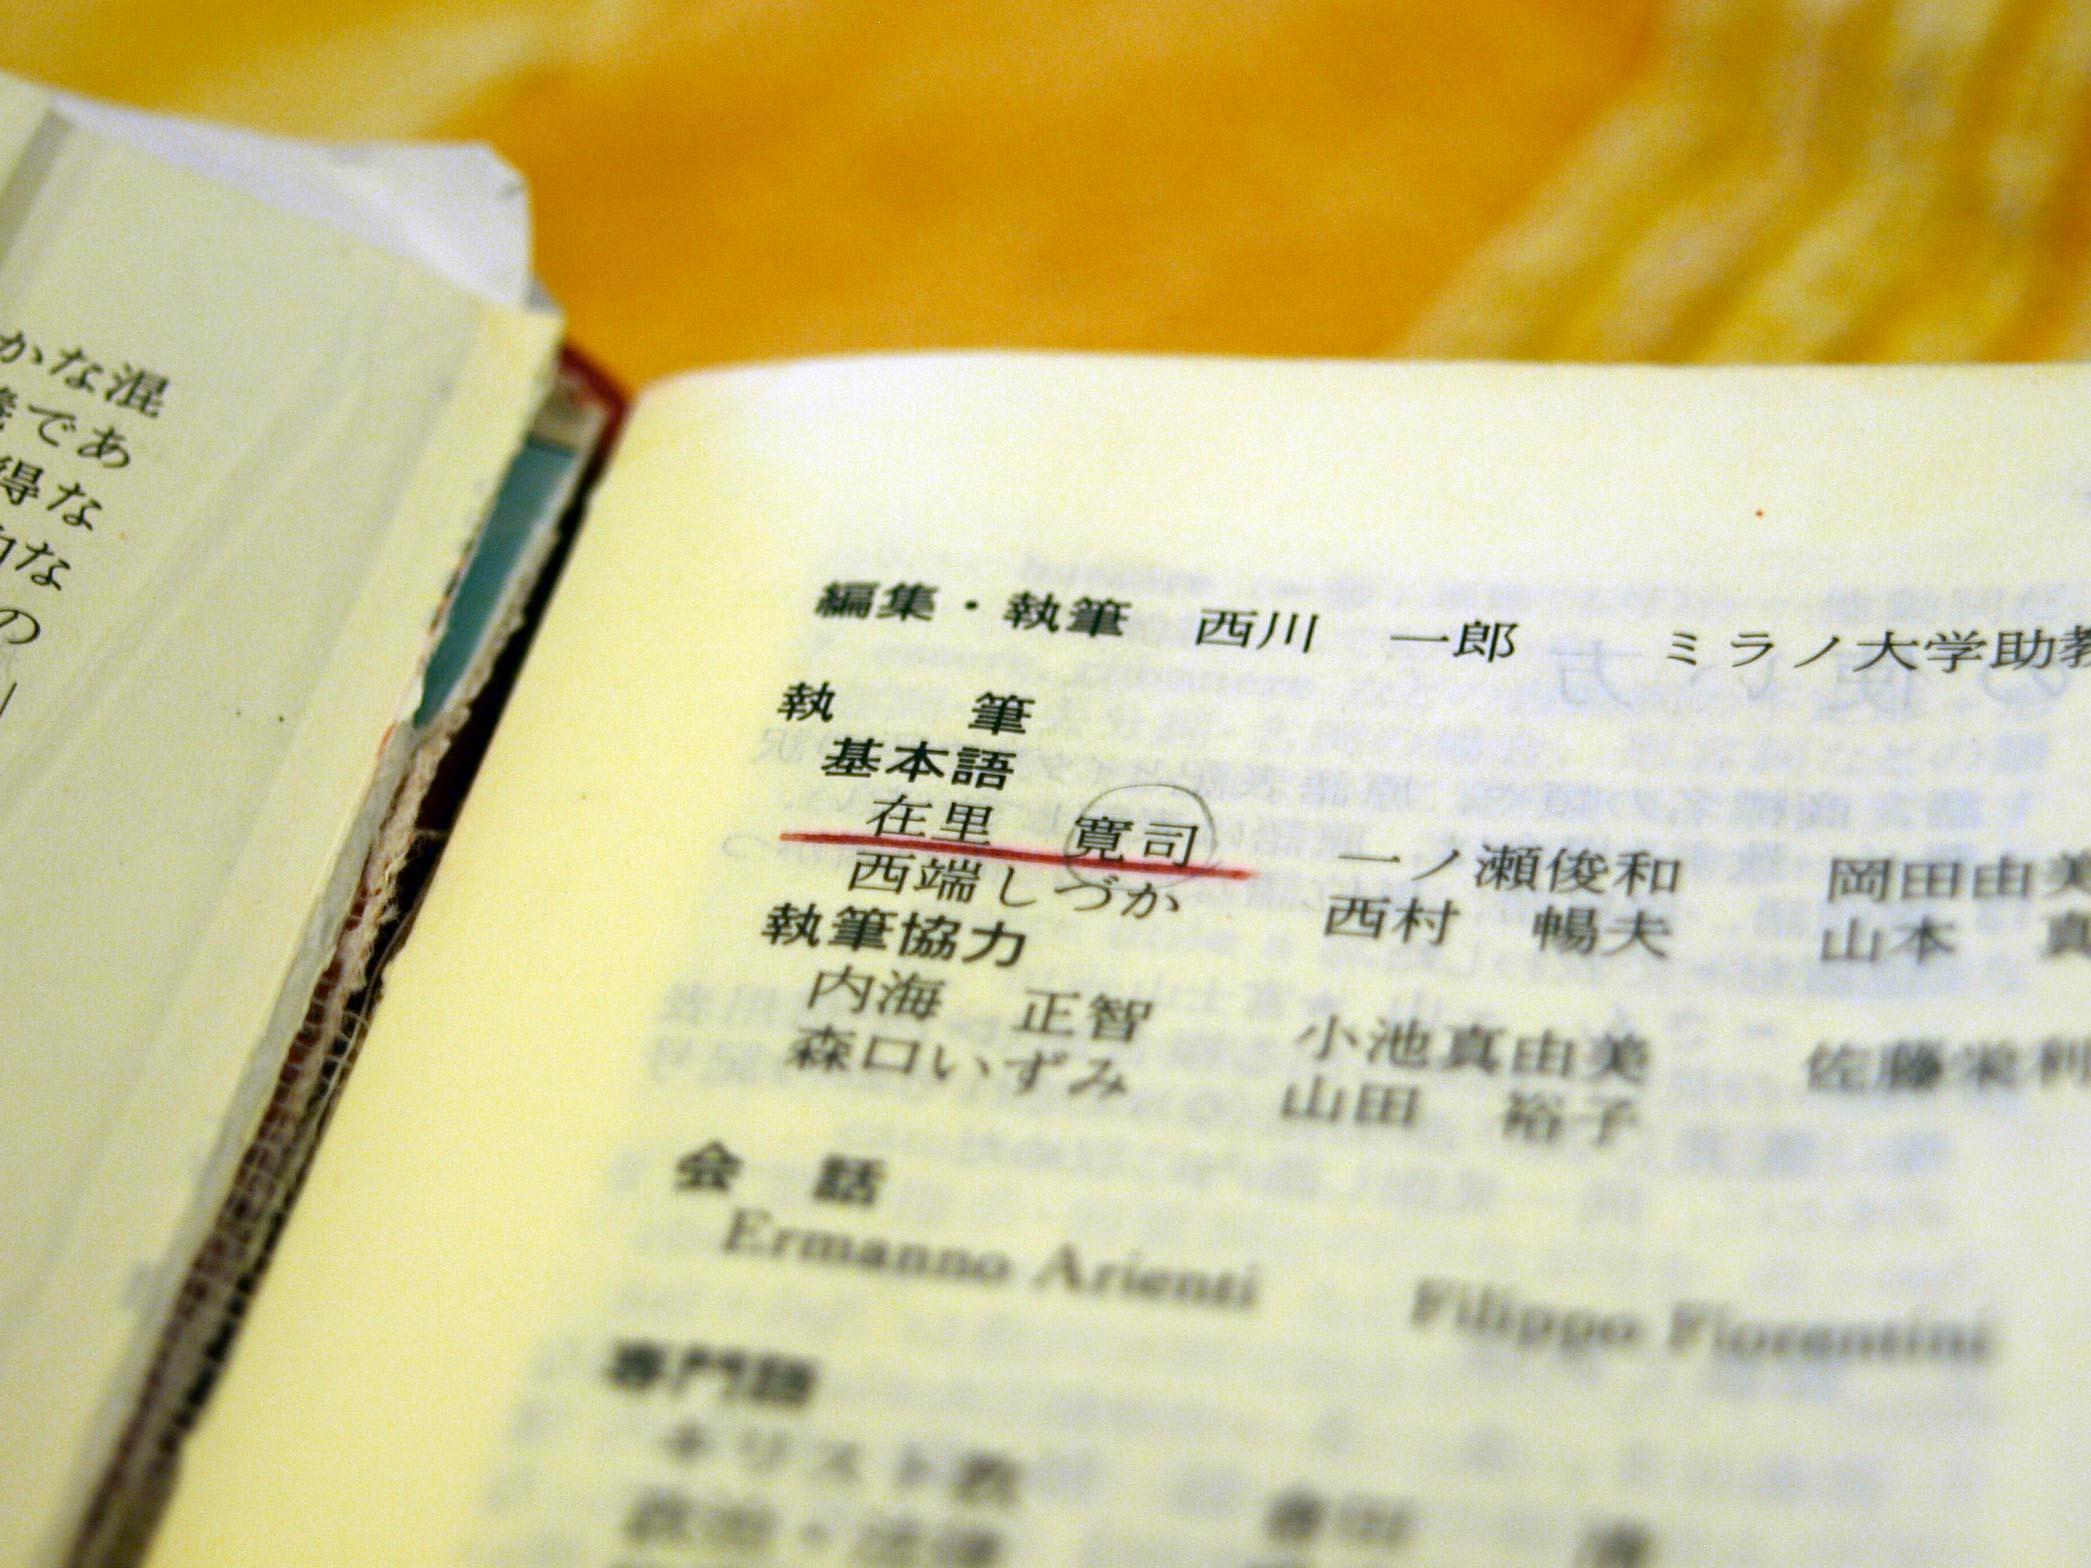 私のイタ語のスタートは大阪のこの学校です!!!!_c0179785_6361916.jpg